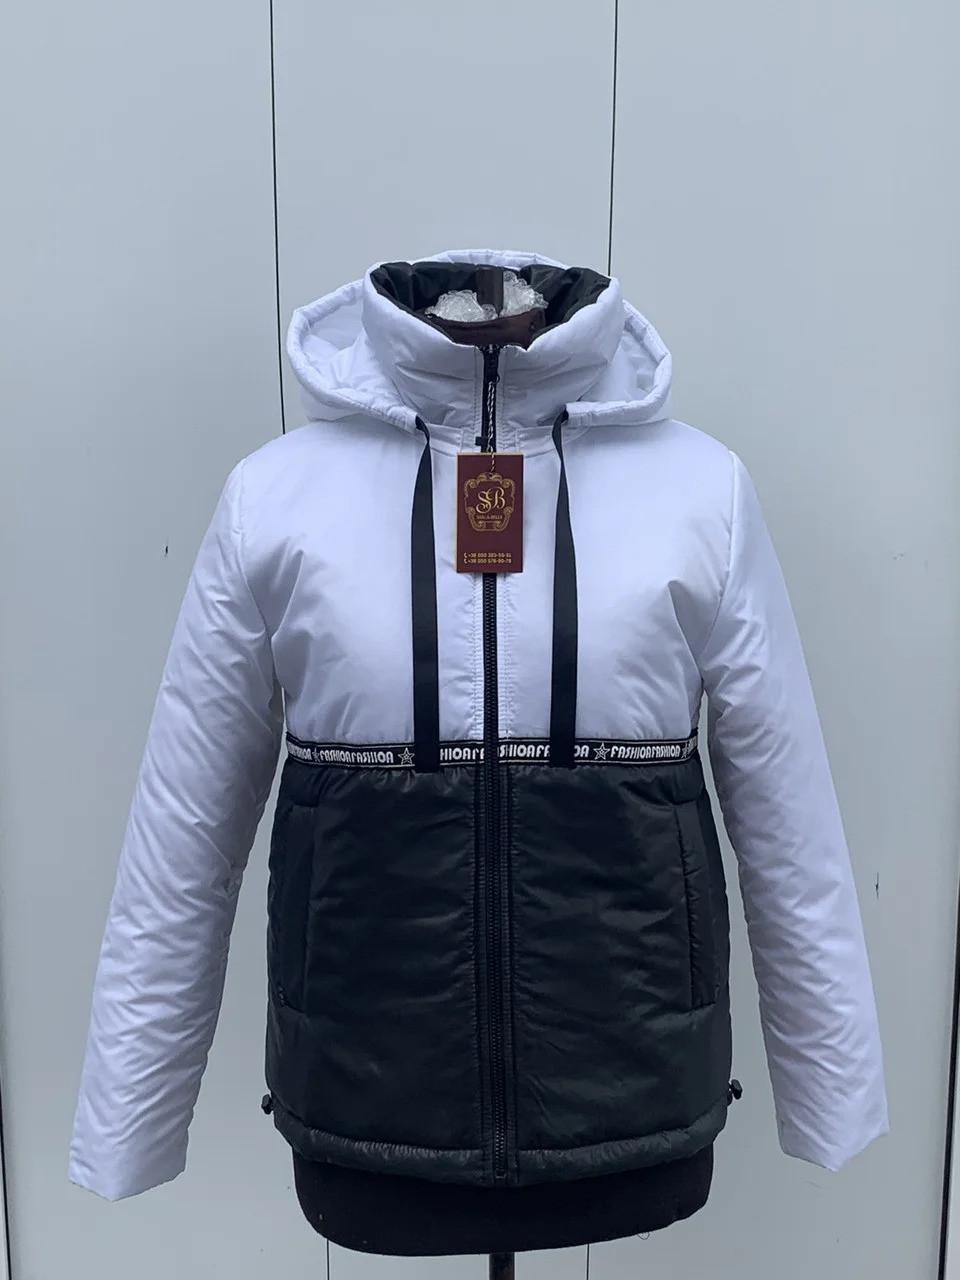 Жіноча демісезонна куртка двоколірна коротка на весну і осінь, модель Спорт, розміри 44 -54.